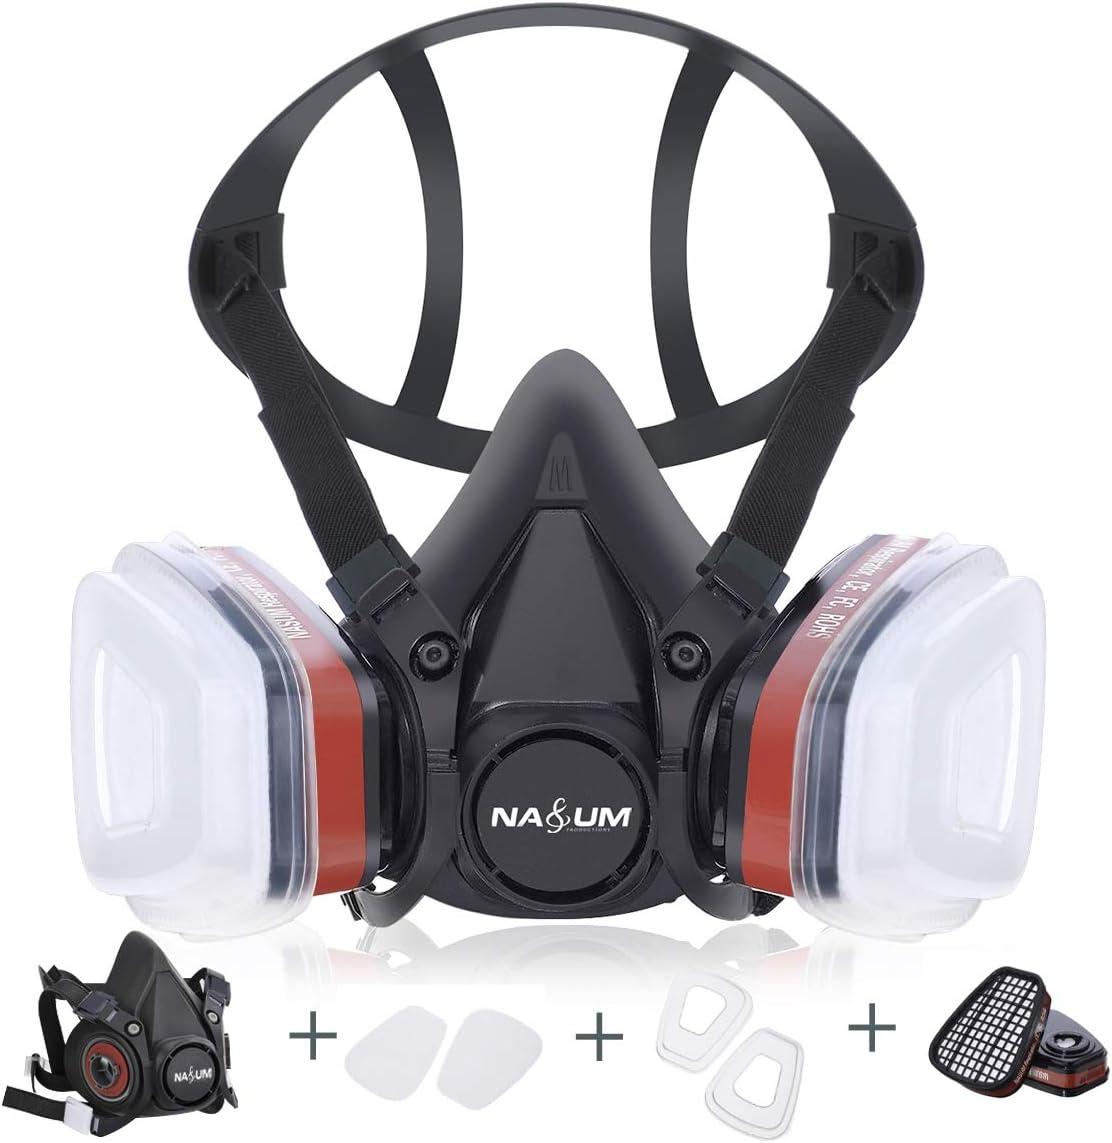 Facial CubiertaNASUM, con 2 Filtros / 2 Cajas / 2 Algodones de Filtro, Contra Polvo / Partículas / Gas , para Pulverización / Pintura / Industria / Agricultura